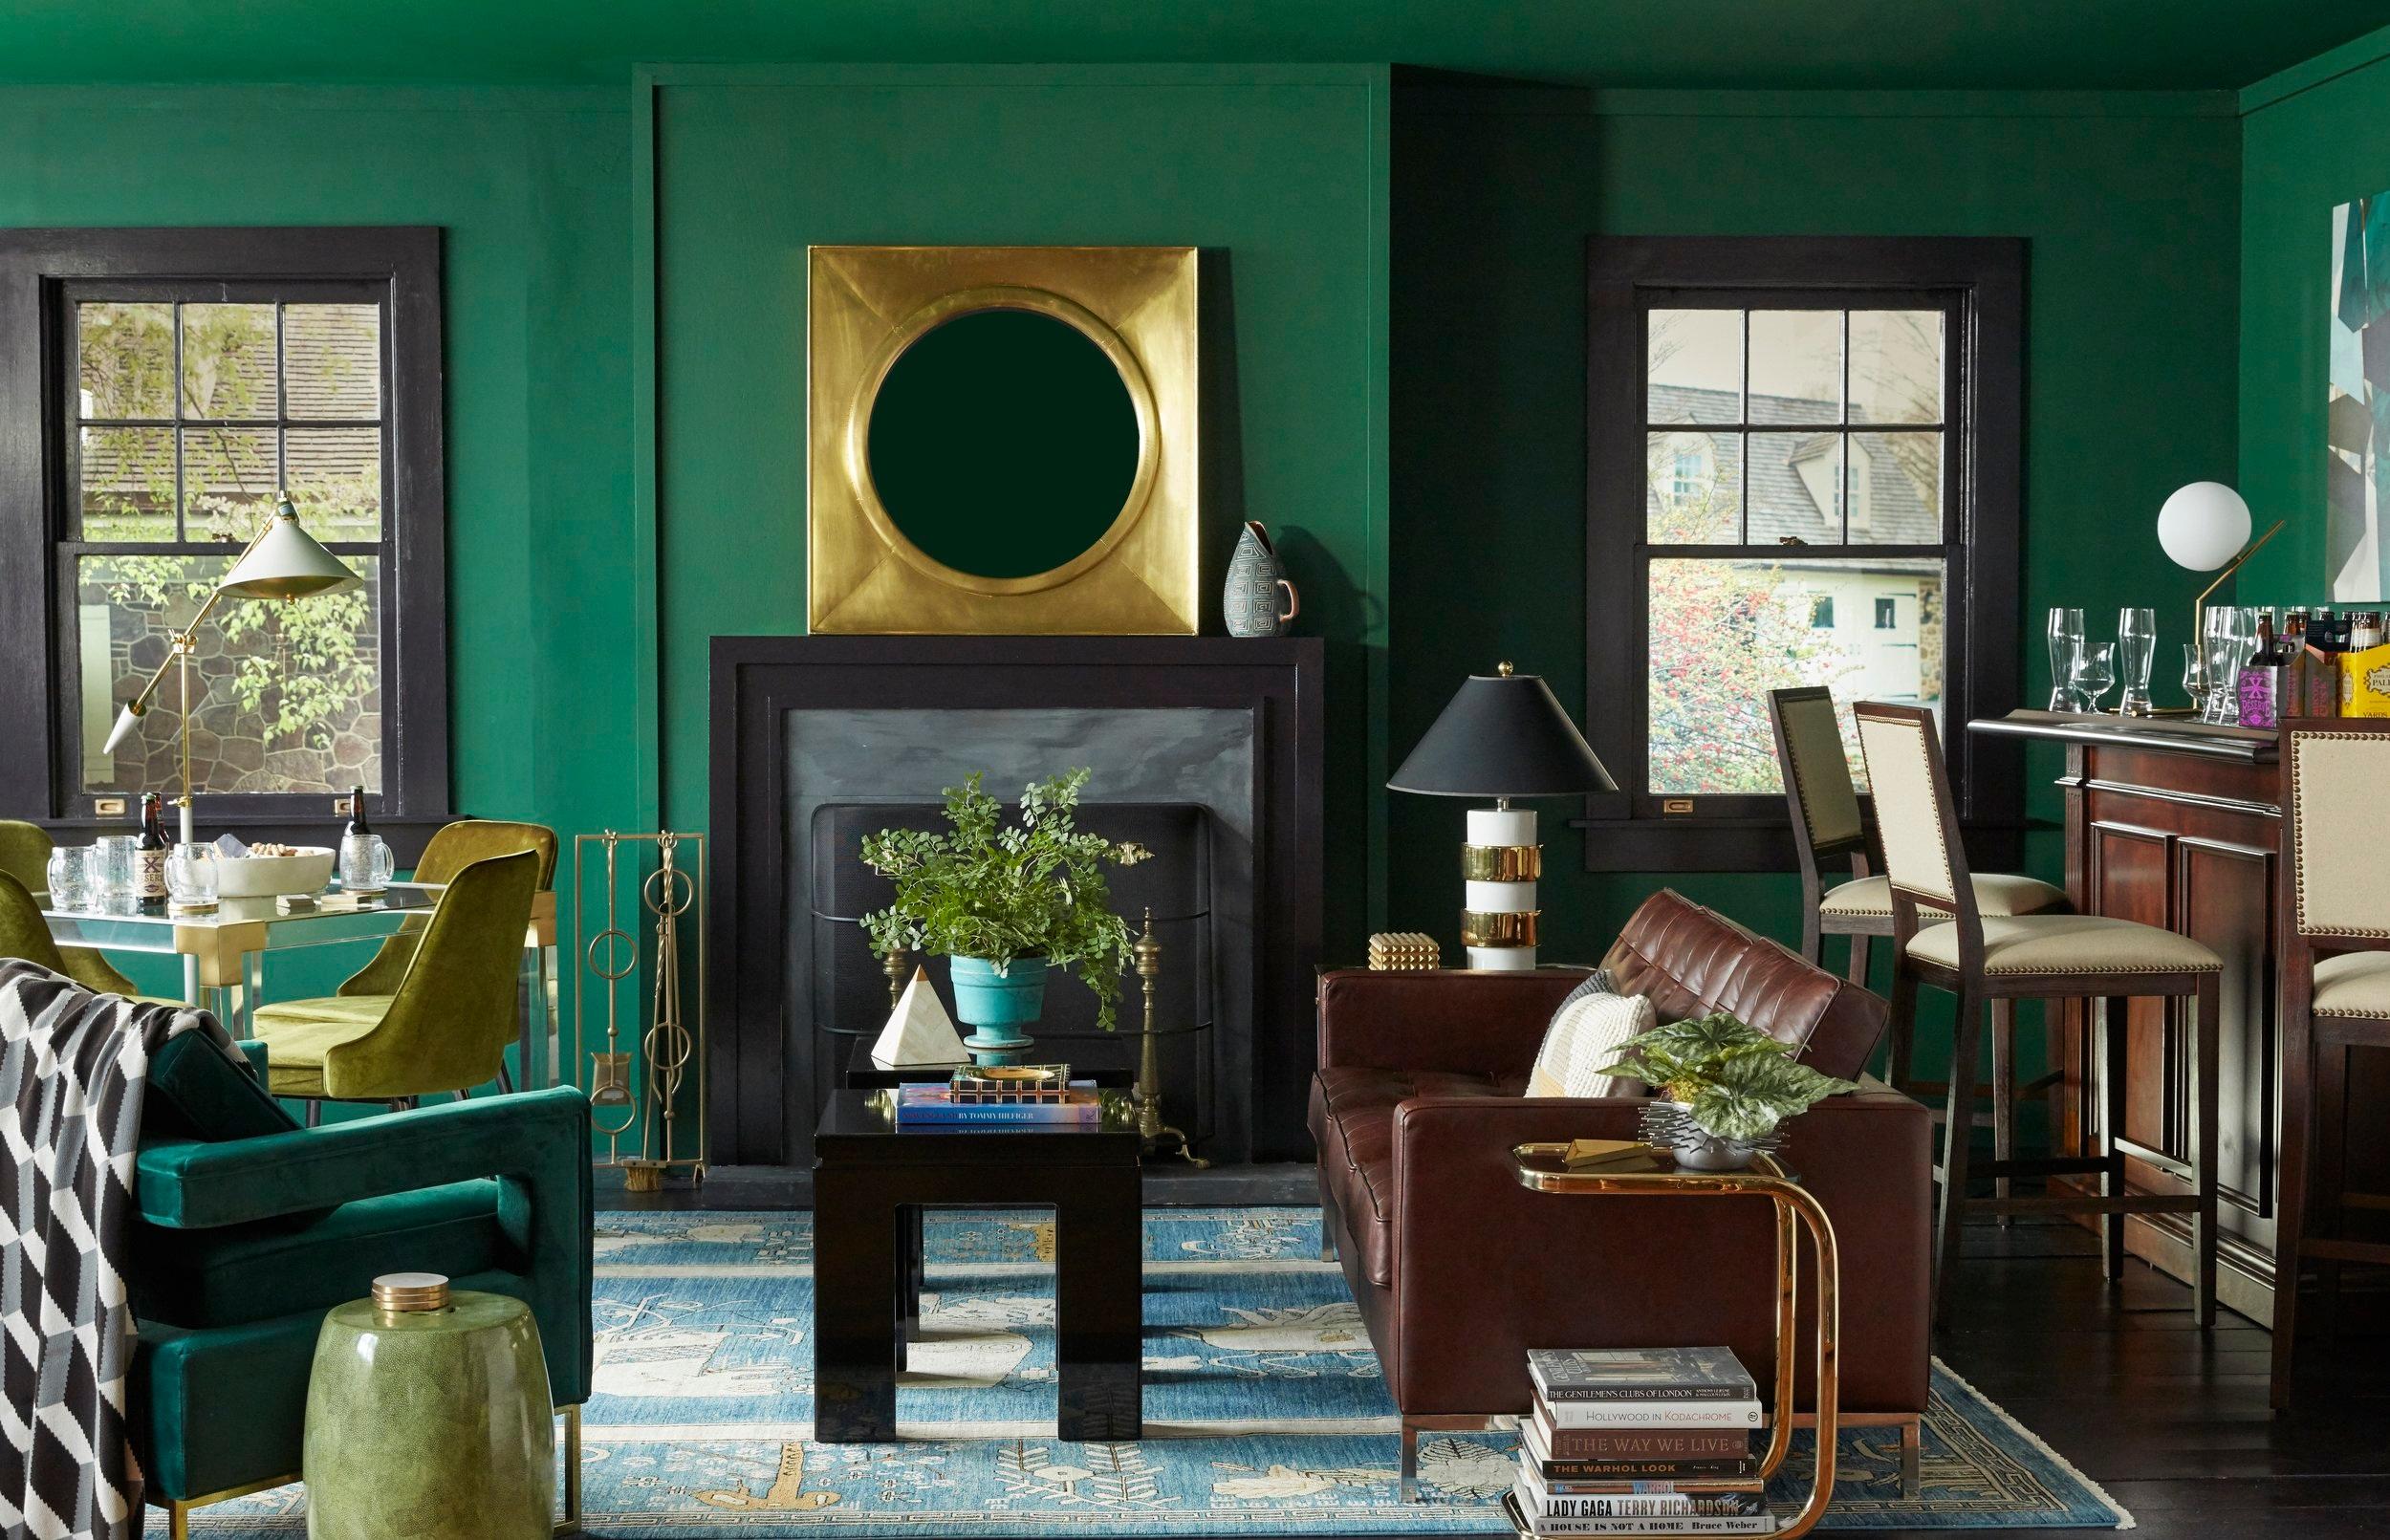 Lowe's Home Improvement: Indoor